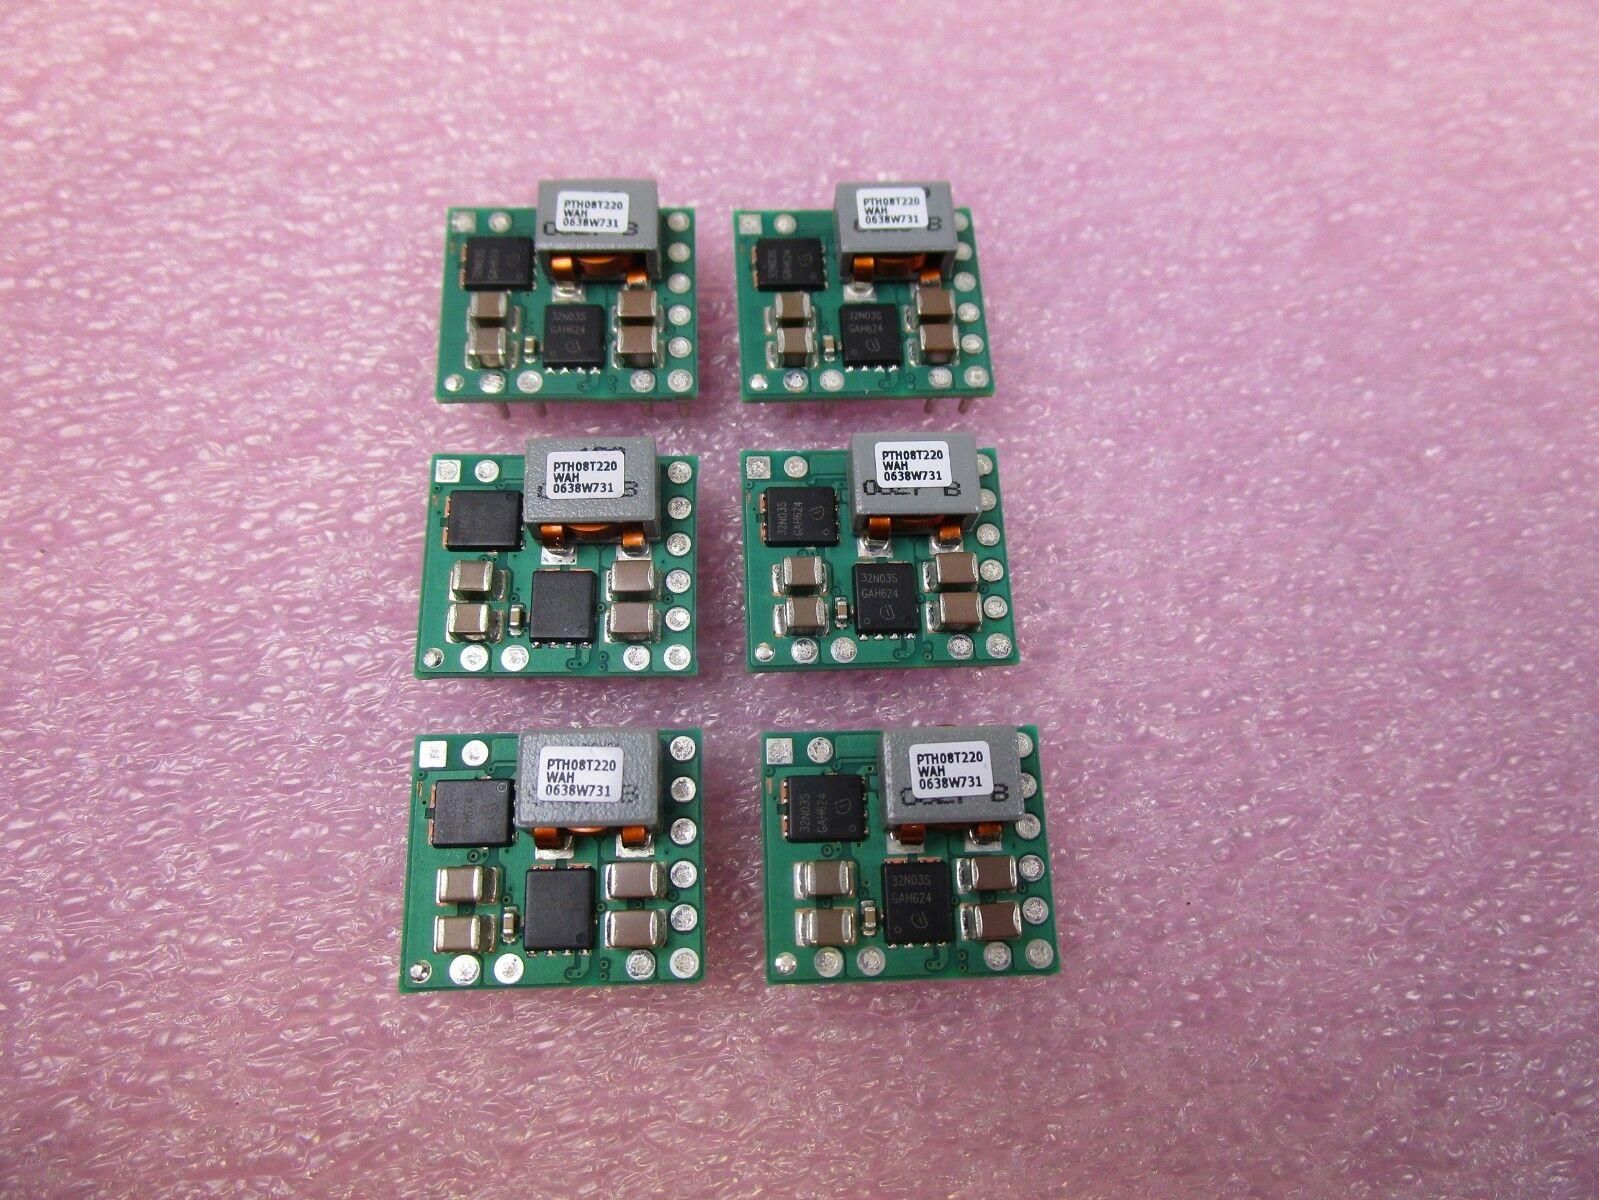 Texas Instruments DC DC CONVERTER Adjustable 2.5-12.6V Regulator PTN78020WAS